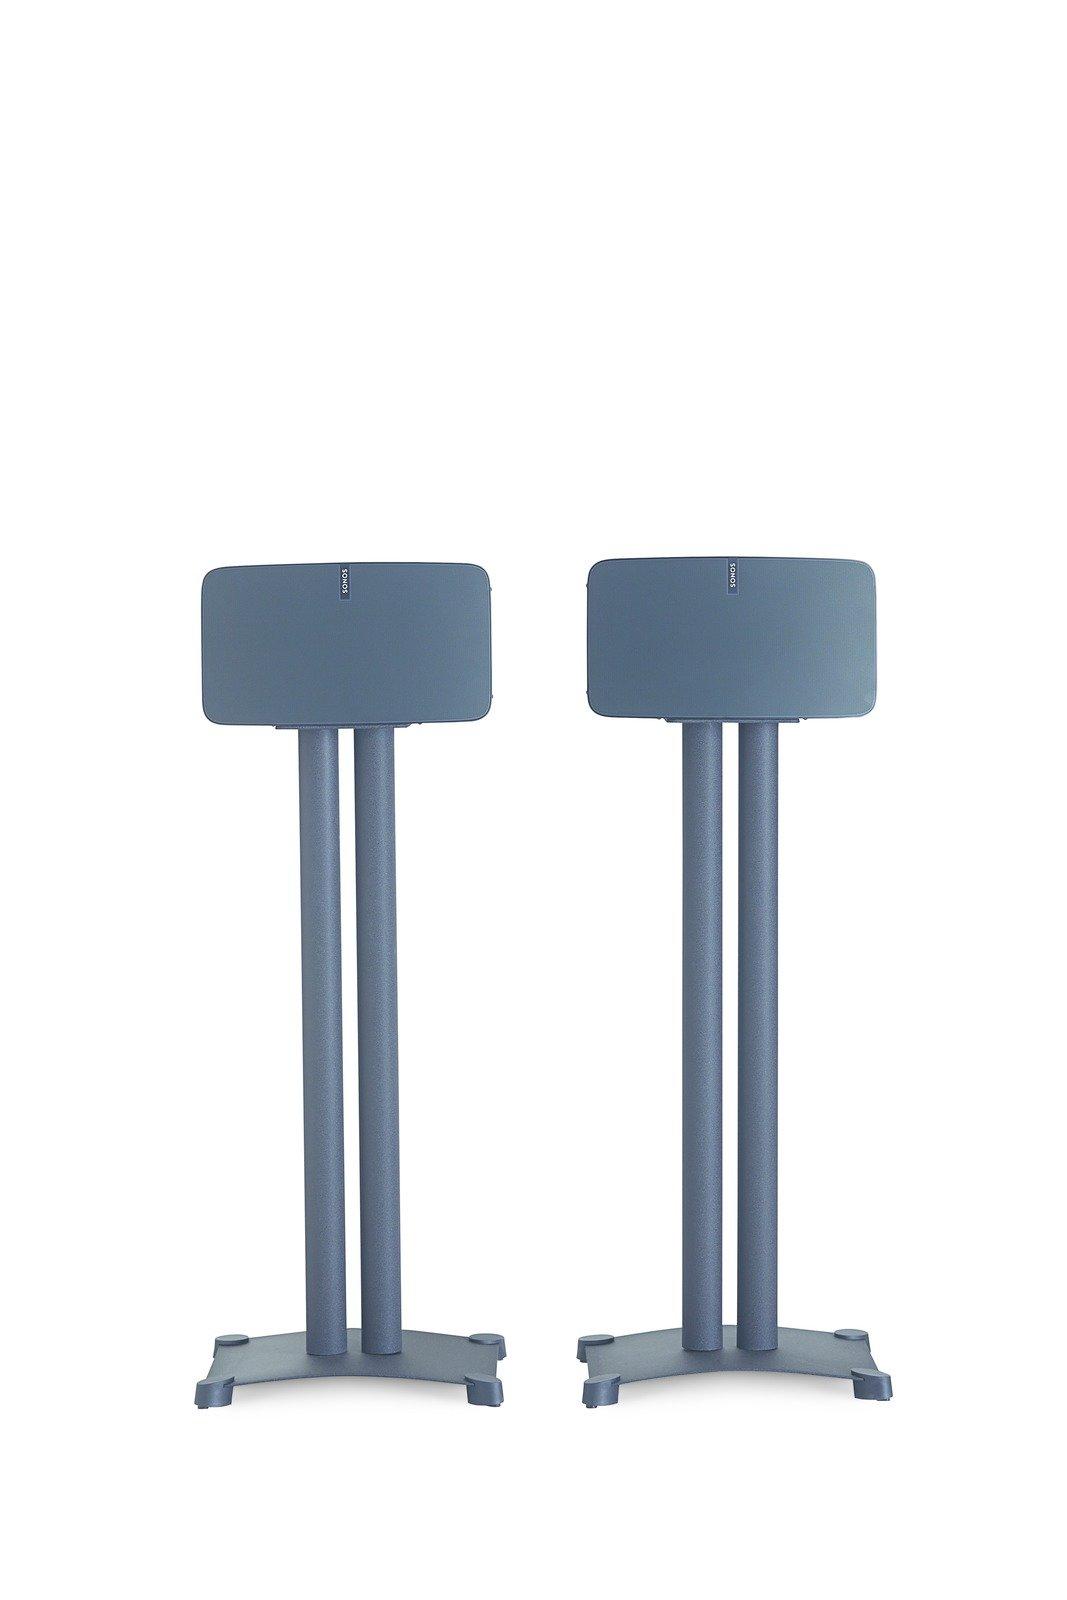 Sanus Steel Foundations 34 Inch Steel Speaker Stands, Pair (Black) - SF34-B1